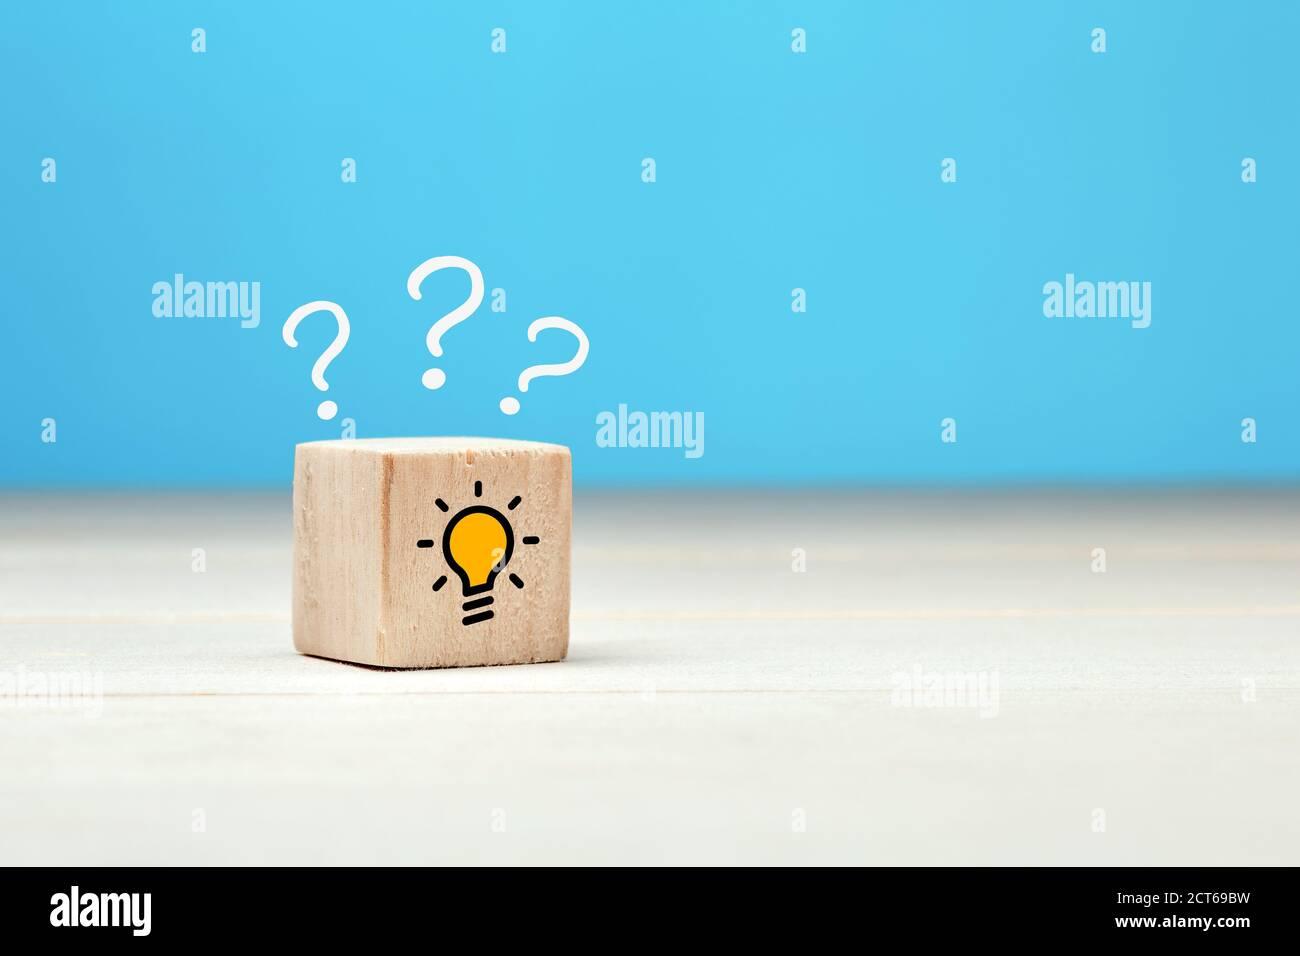 Idea creativa, solución o concepto de resolución de problemas. Signo de interrogación e iconos de bombilla sobre cubo de madera contra fondo azul. Foto de stock